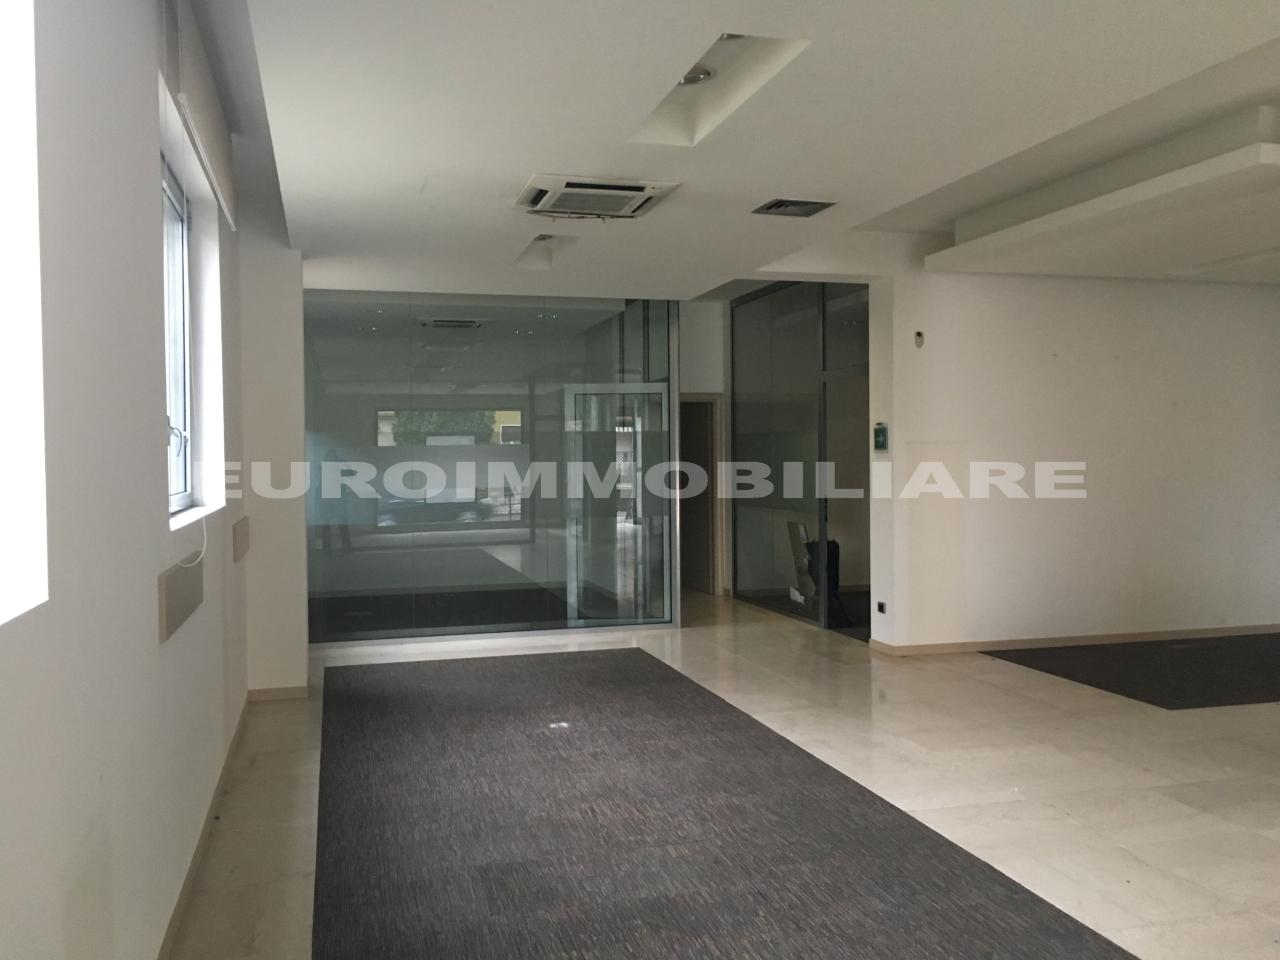 Ufficio / Studio in affitto a Flero, 1 locali, prezzo € 1.800 | CambioCasa.it